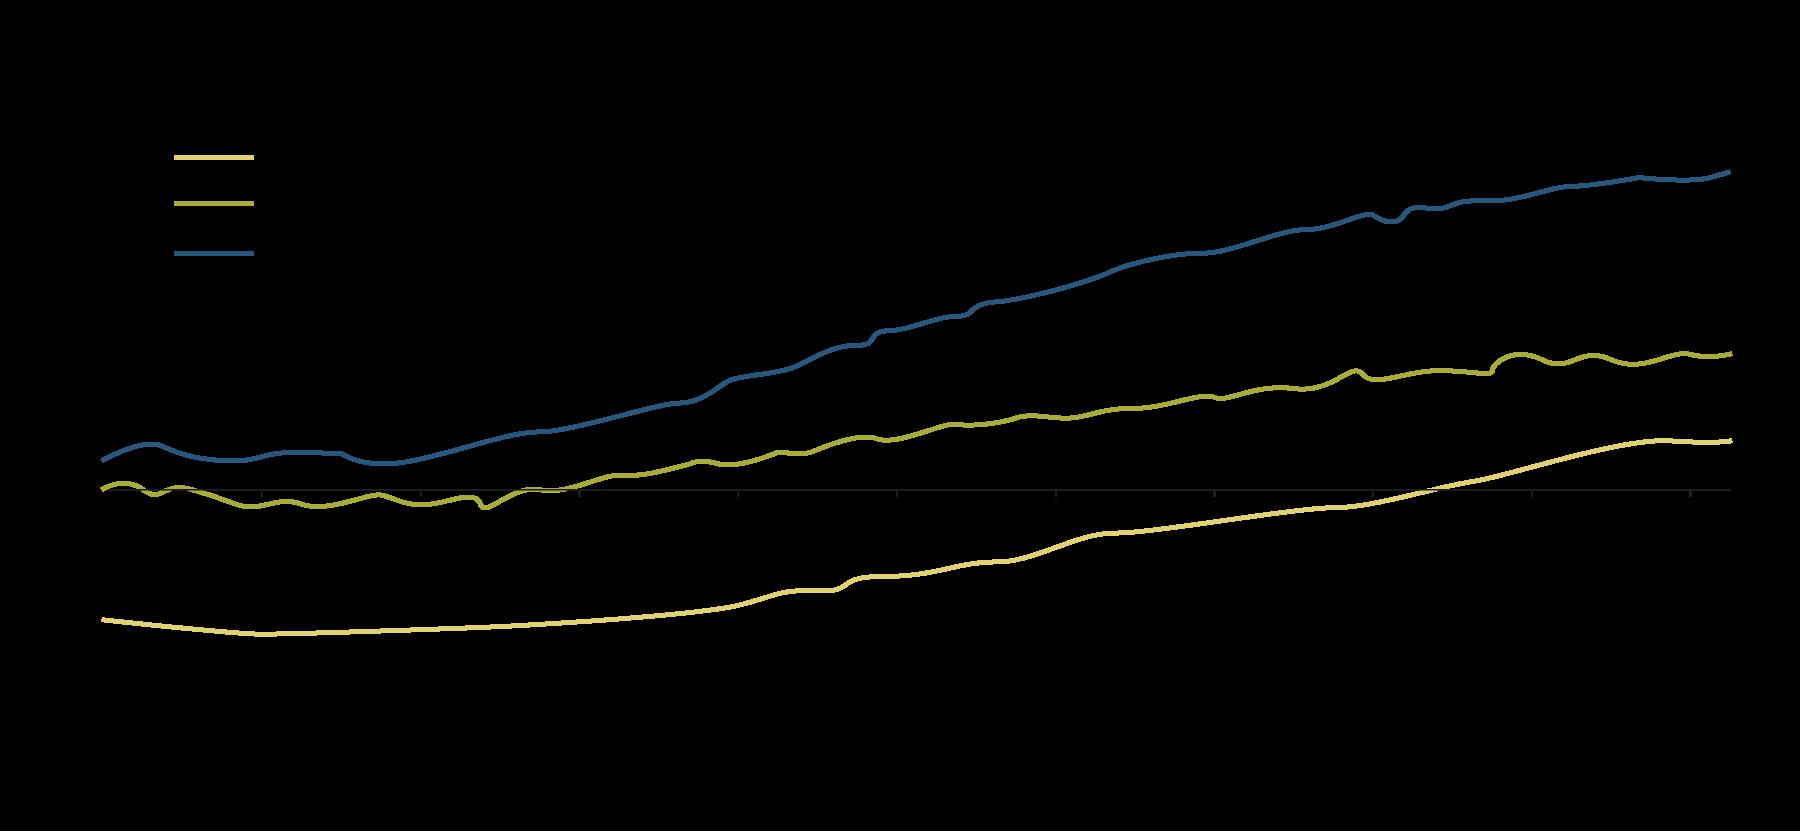 Il grafico mostra le previsioni a lungo termine relative ai tassi, che dovrebbero mantenersi su livelli ridotti ancora per molto tempo.